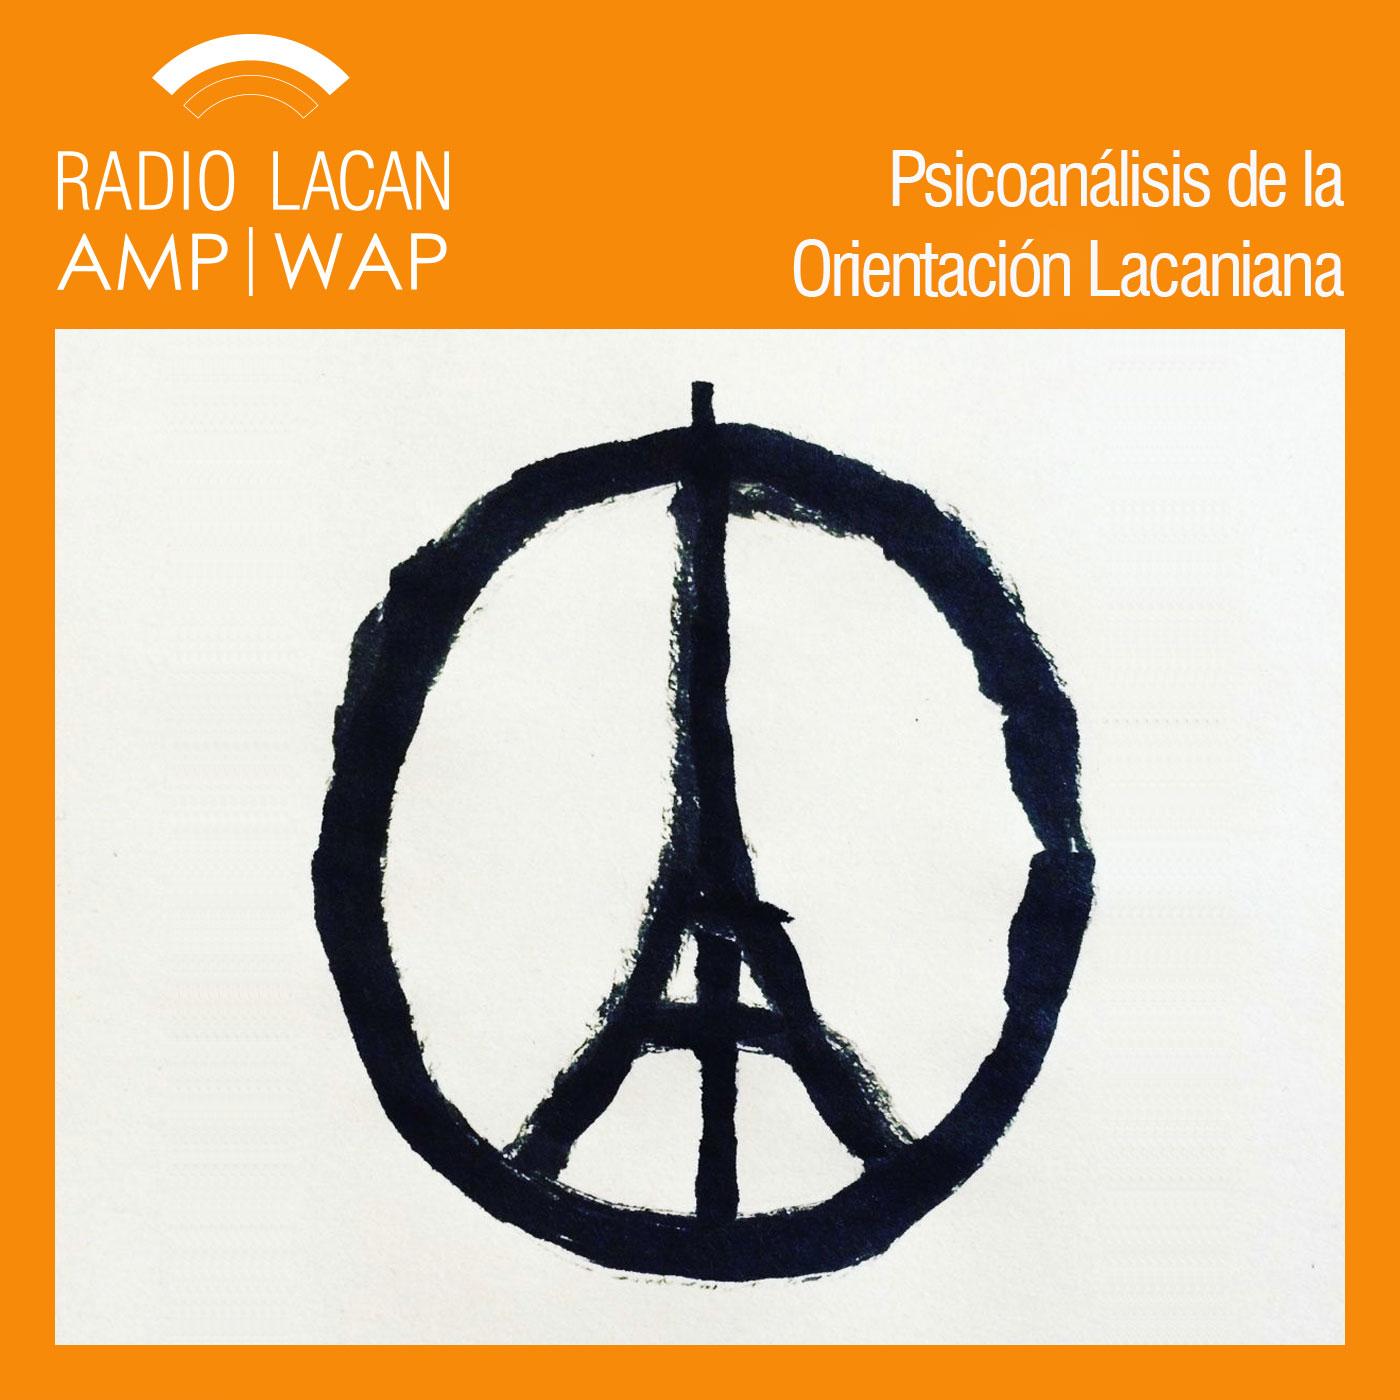 RadioLacan.com | <![CDATA[Comunicado de Radio Lacan]]>